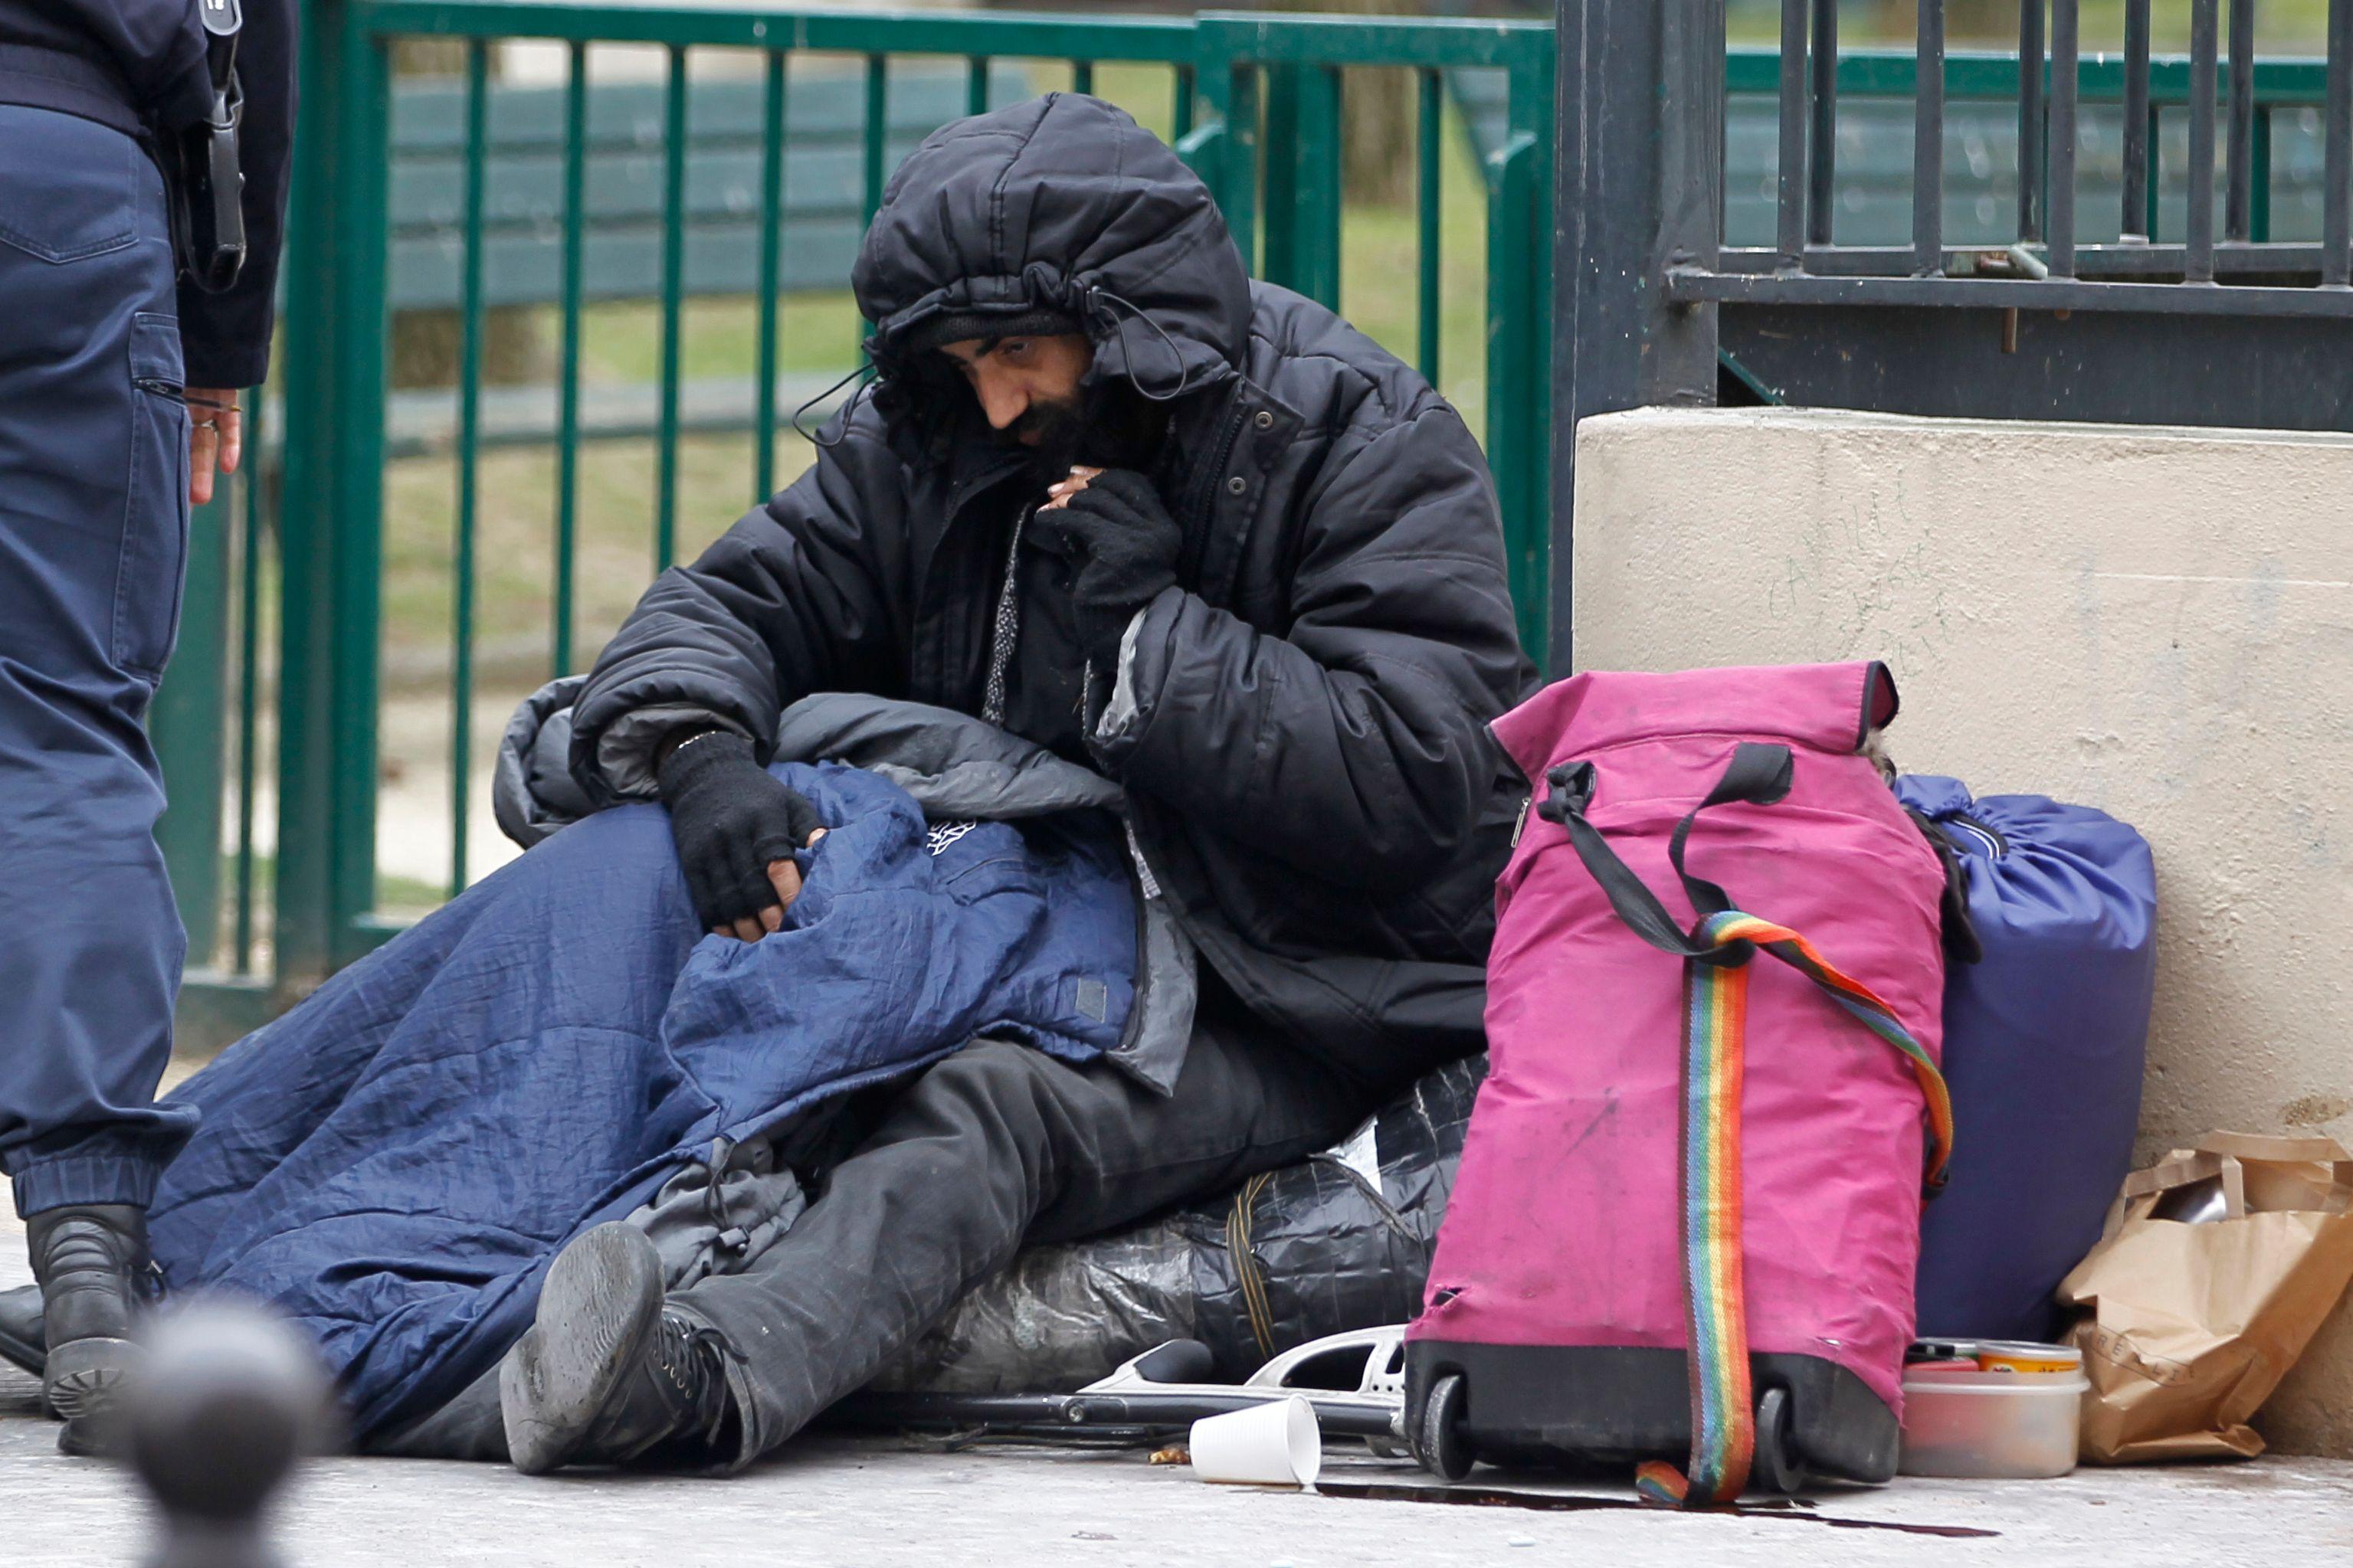 Les diplômés et les quinquagénaires de plus en plus touchés par la pauvreté en France